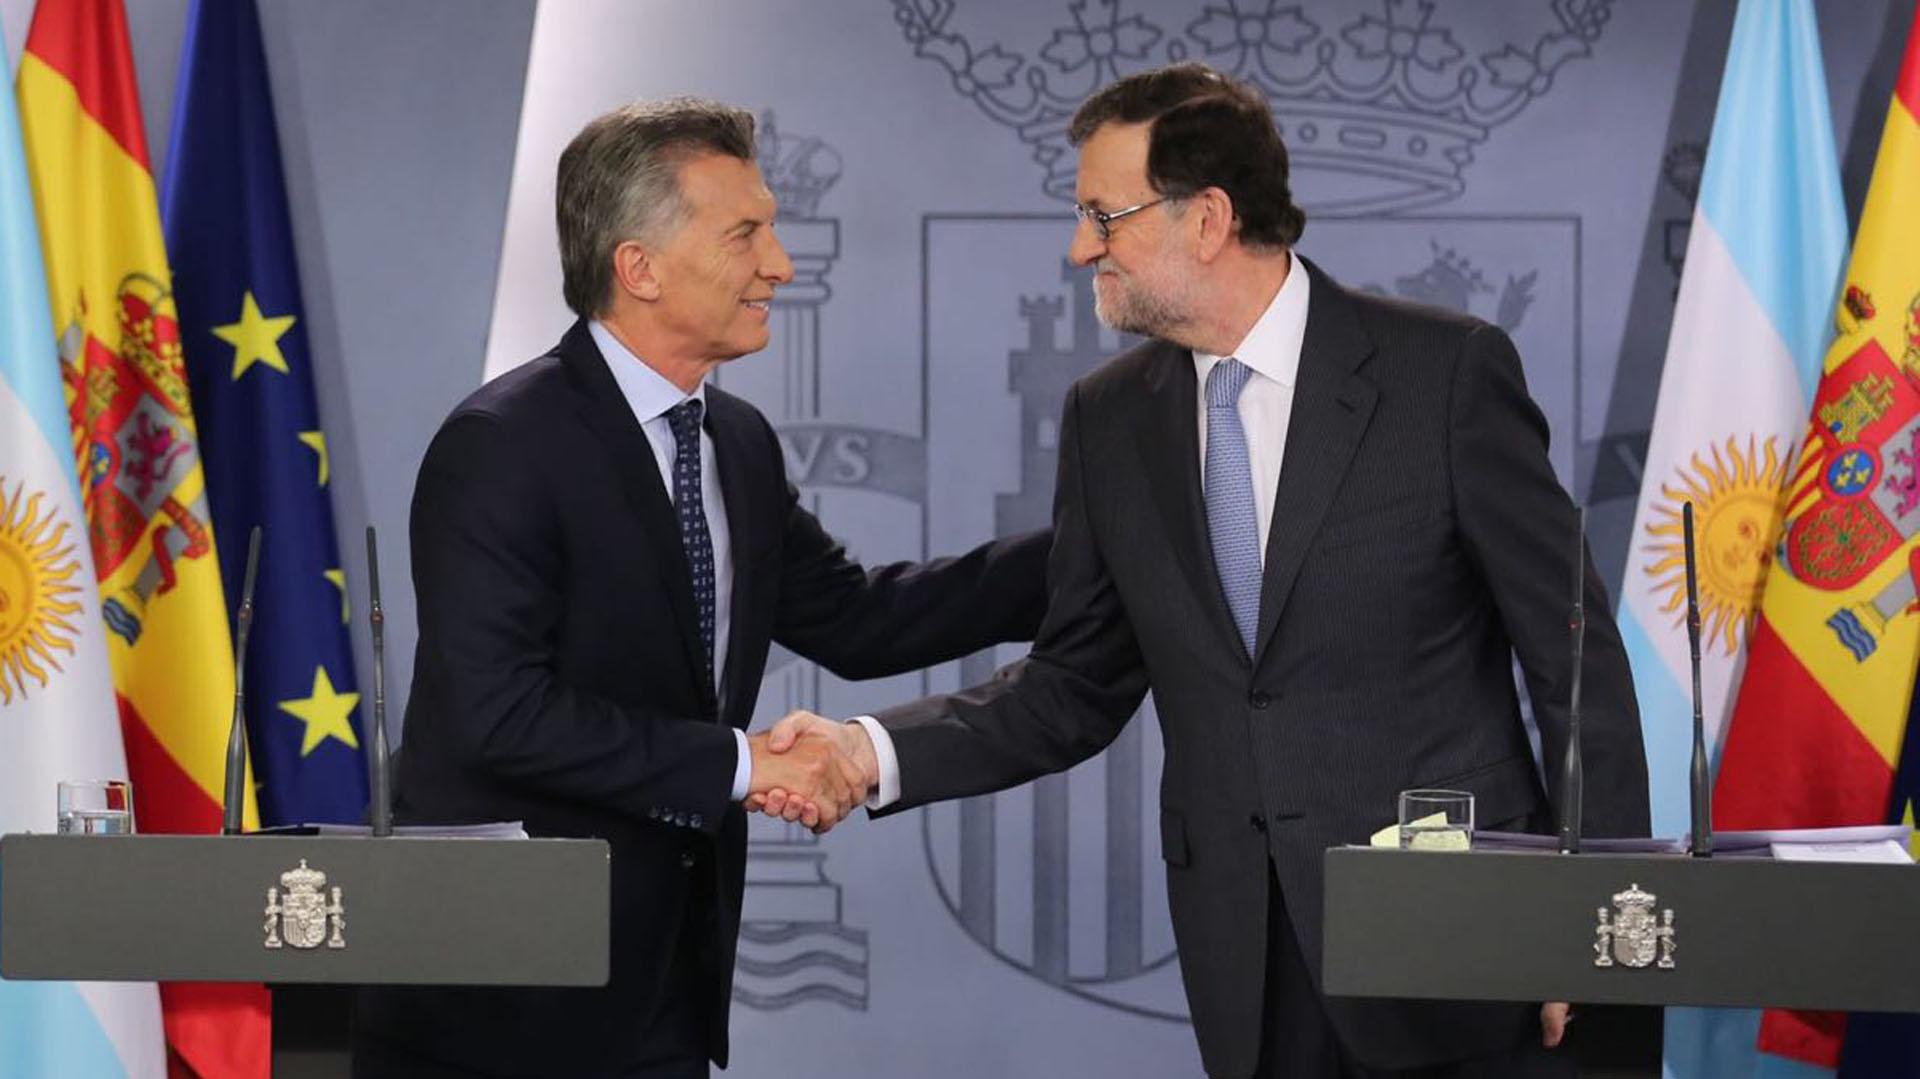 Mauricio Macri se saluda con Mariano Rajoy en un encuentro en Madrid (Foto: Fabián Pechervsky)